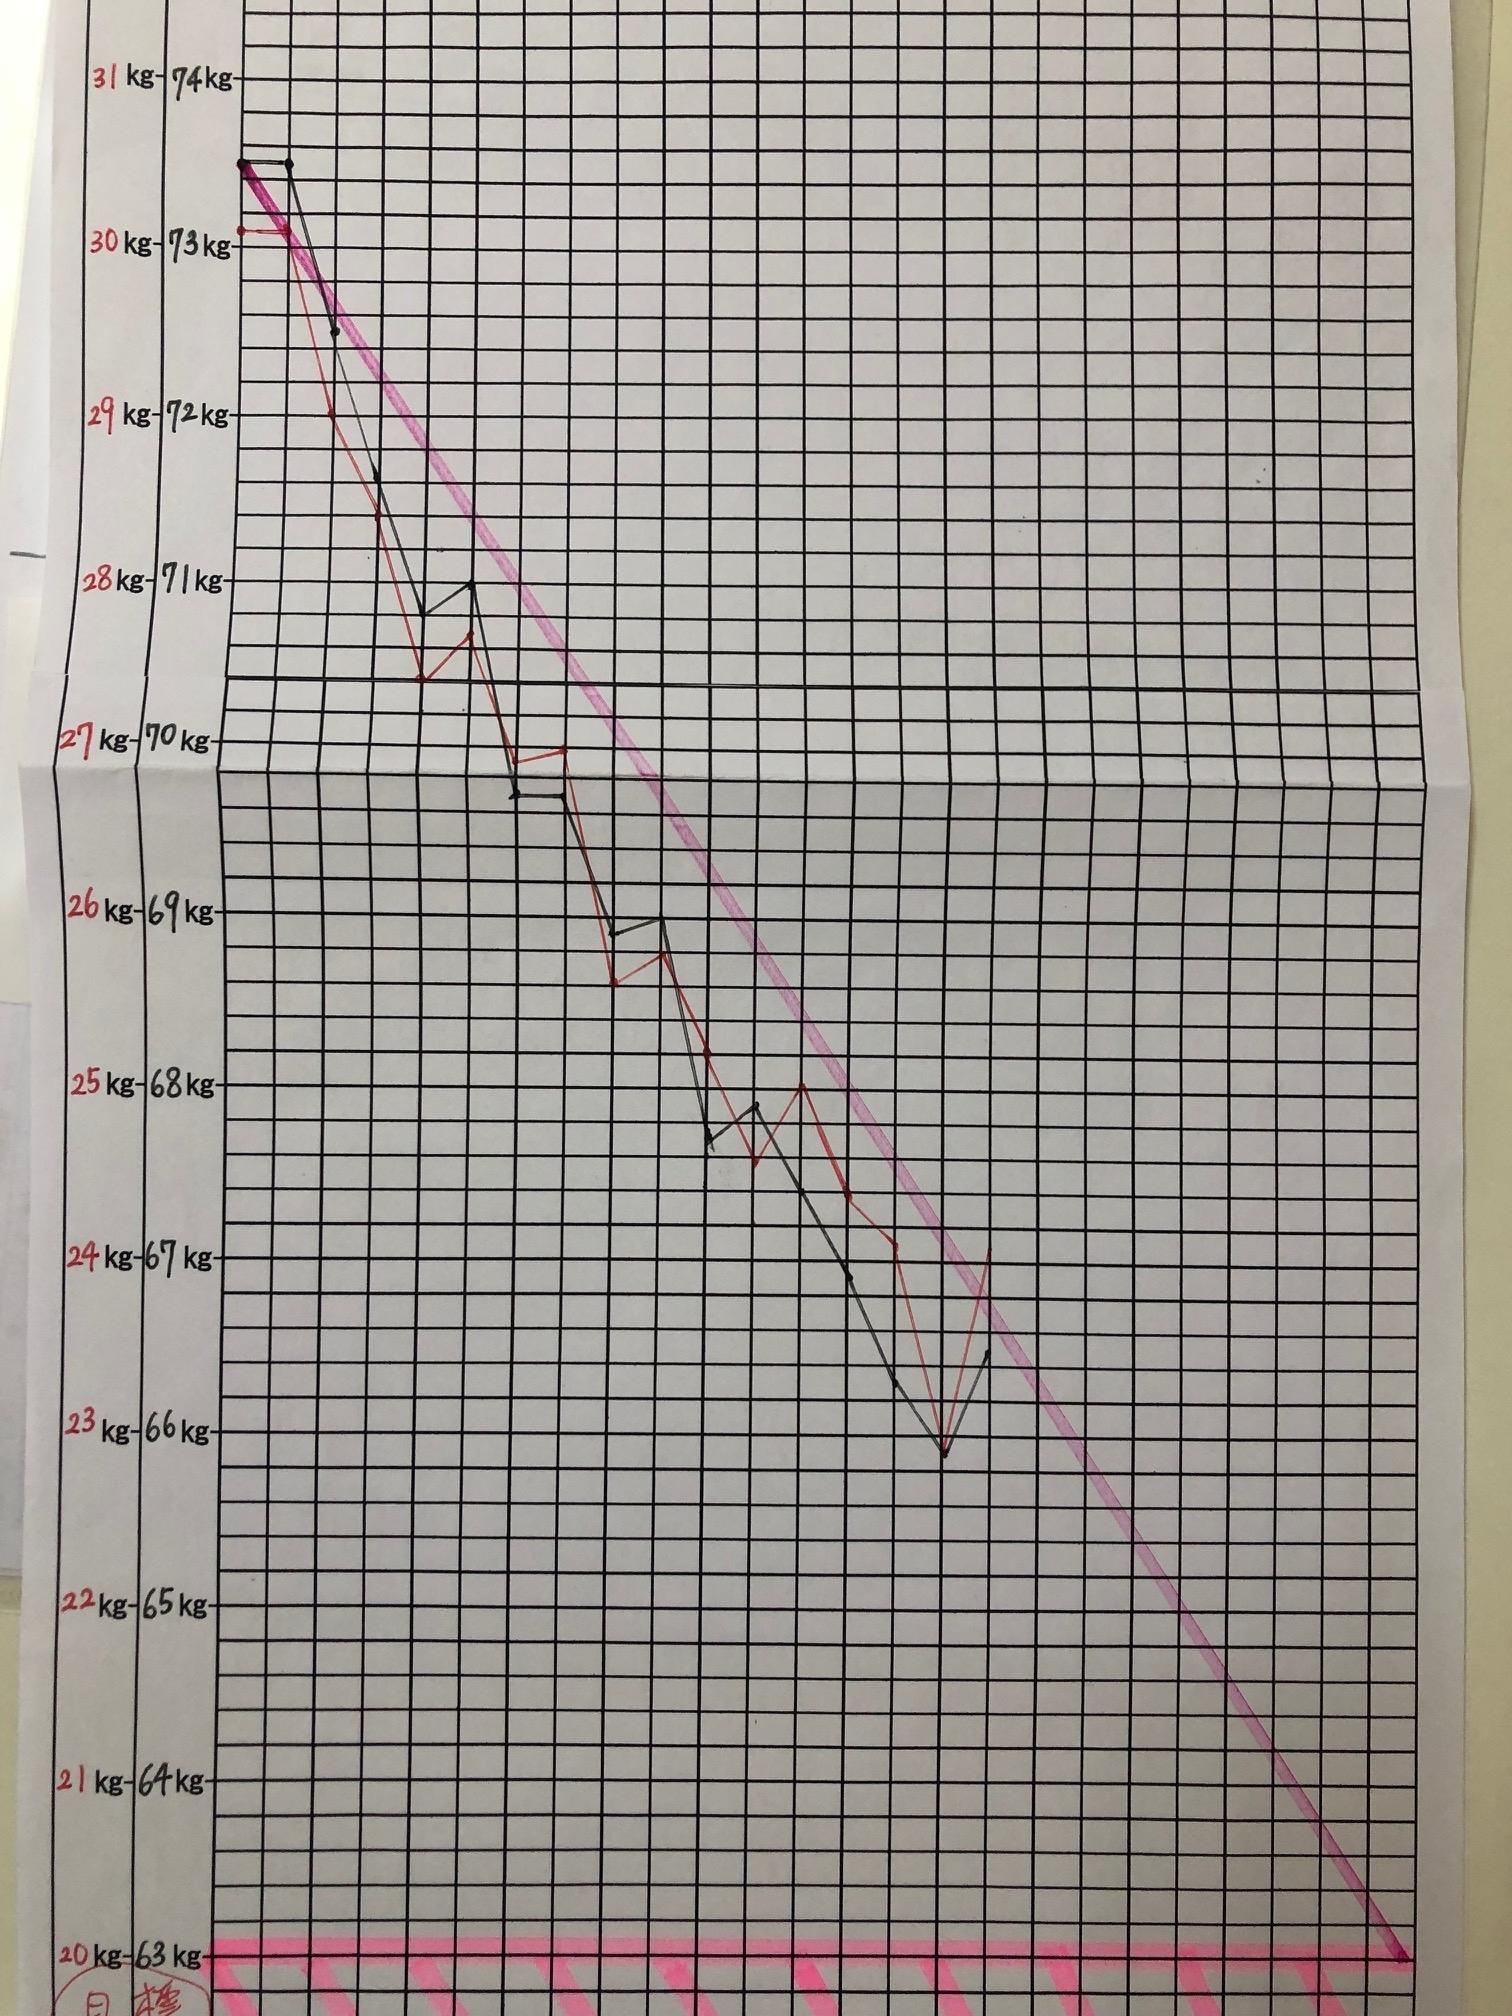 ヘルシー耳ツボダイエットグラフ